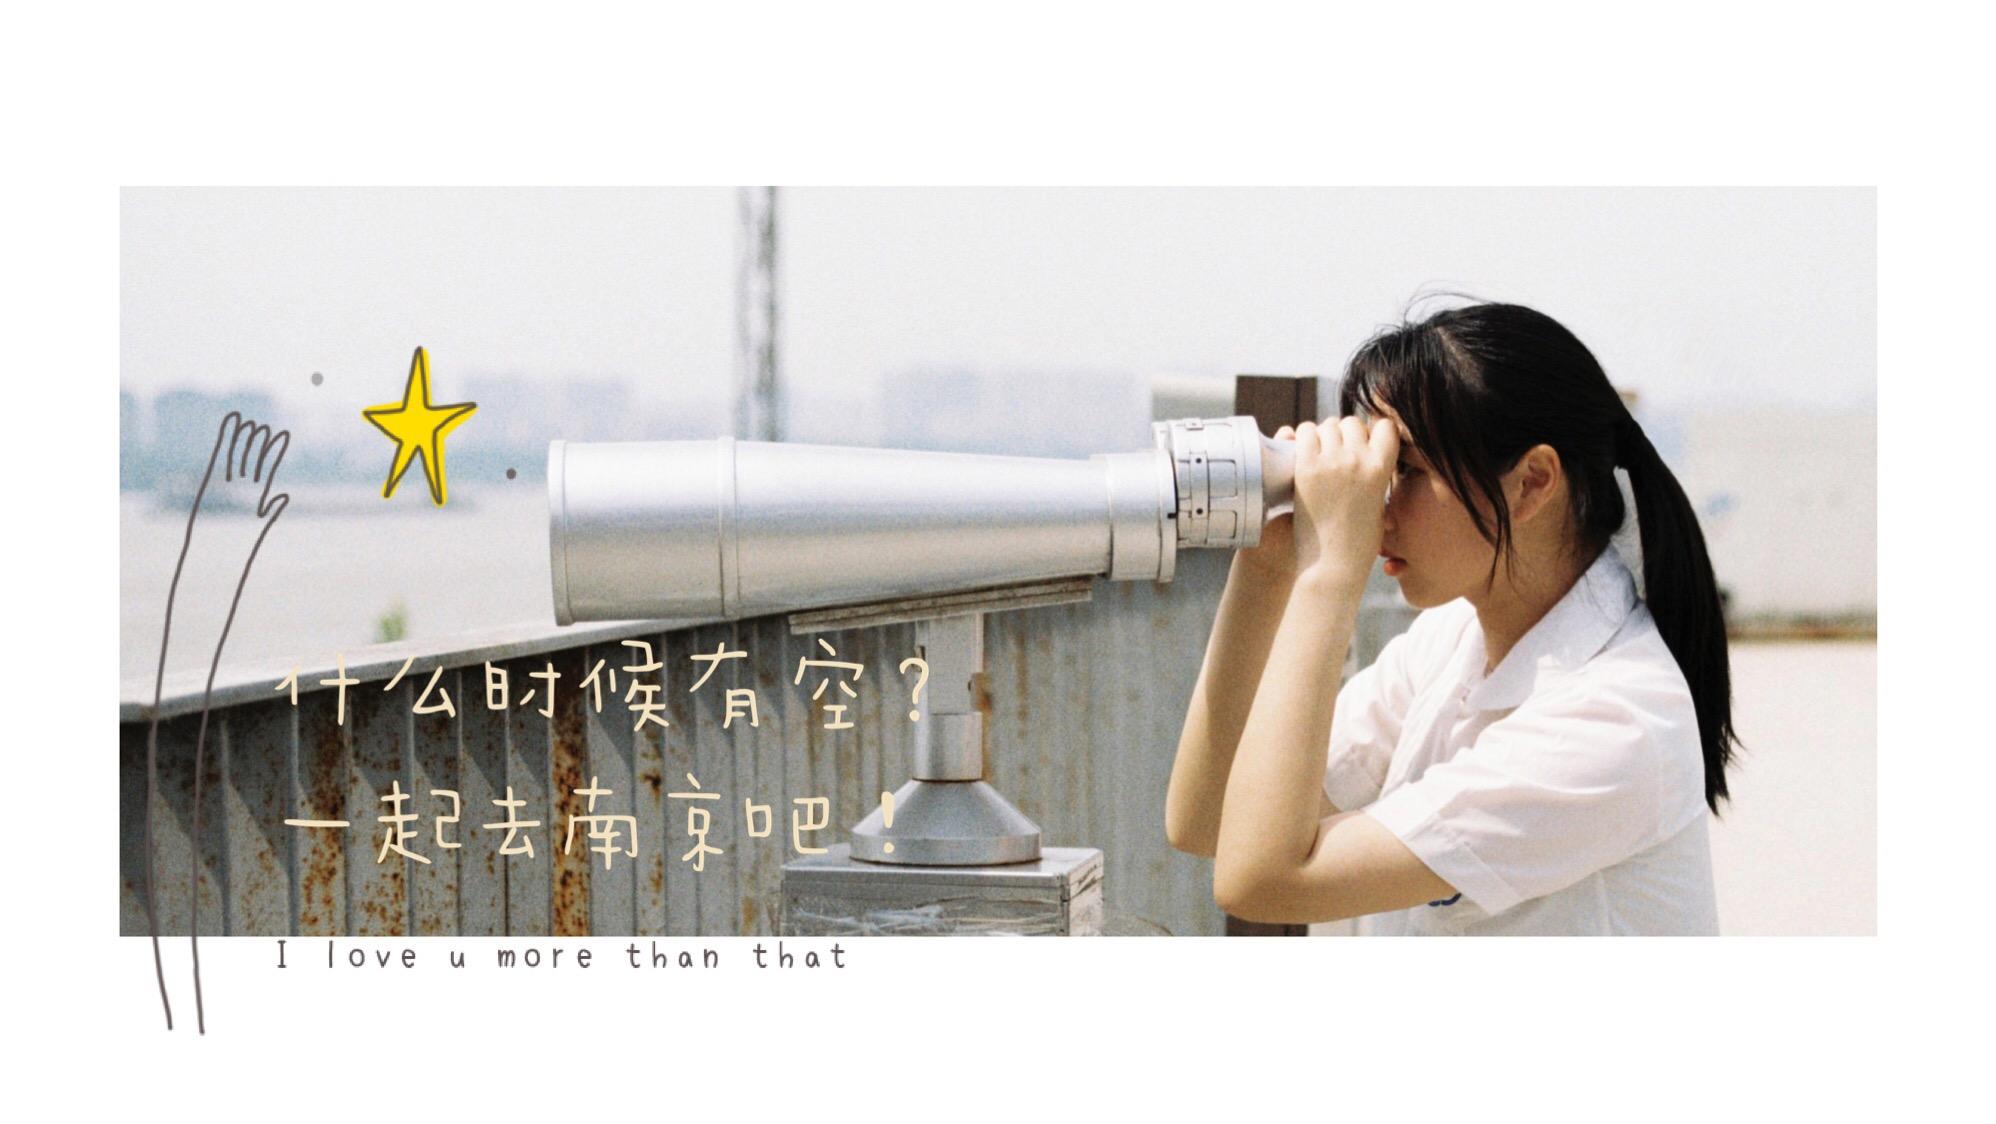 ·【南京】什么时候有空?我们一起去南京吧!记我在南京的四天三夜_游记